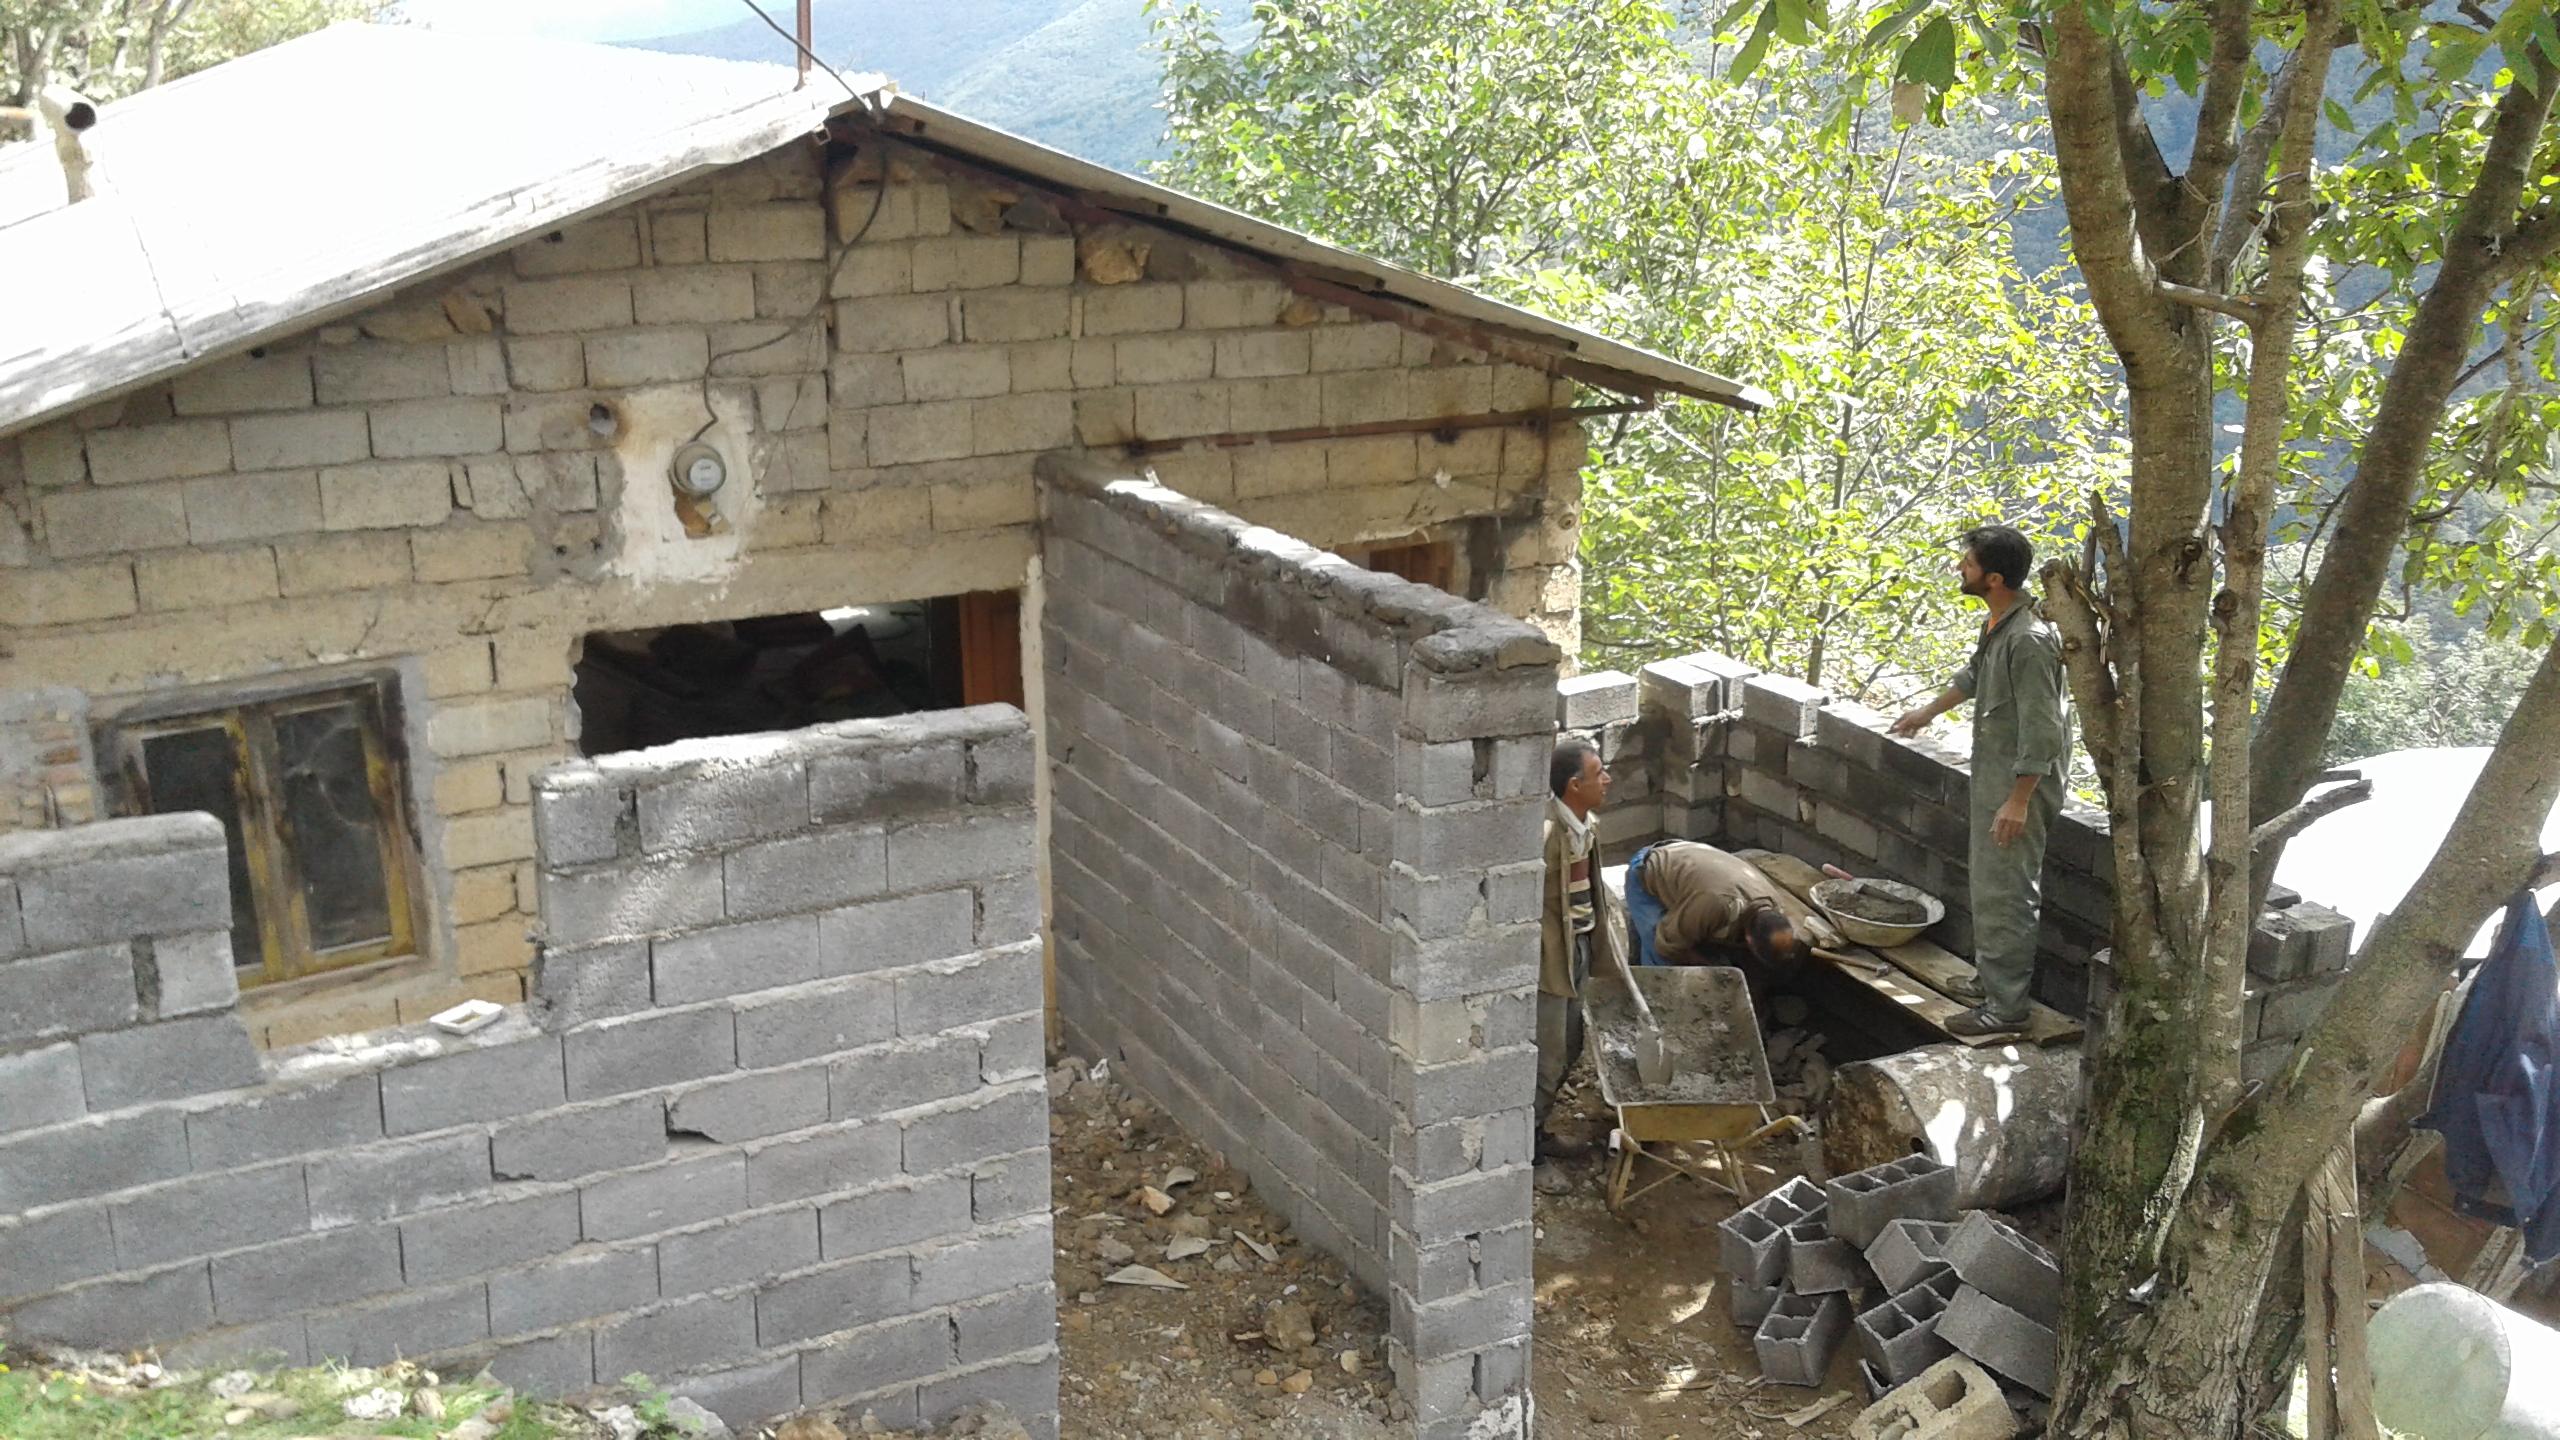 عملیات بازسازی وتعمیر ات مسجد حضرت باب الحوائج ده بلبل کوه